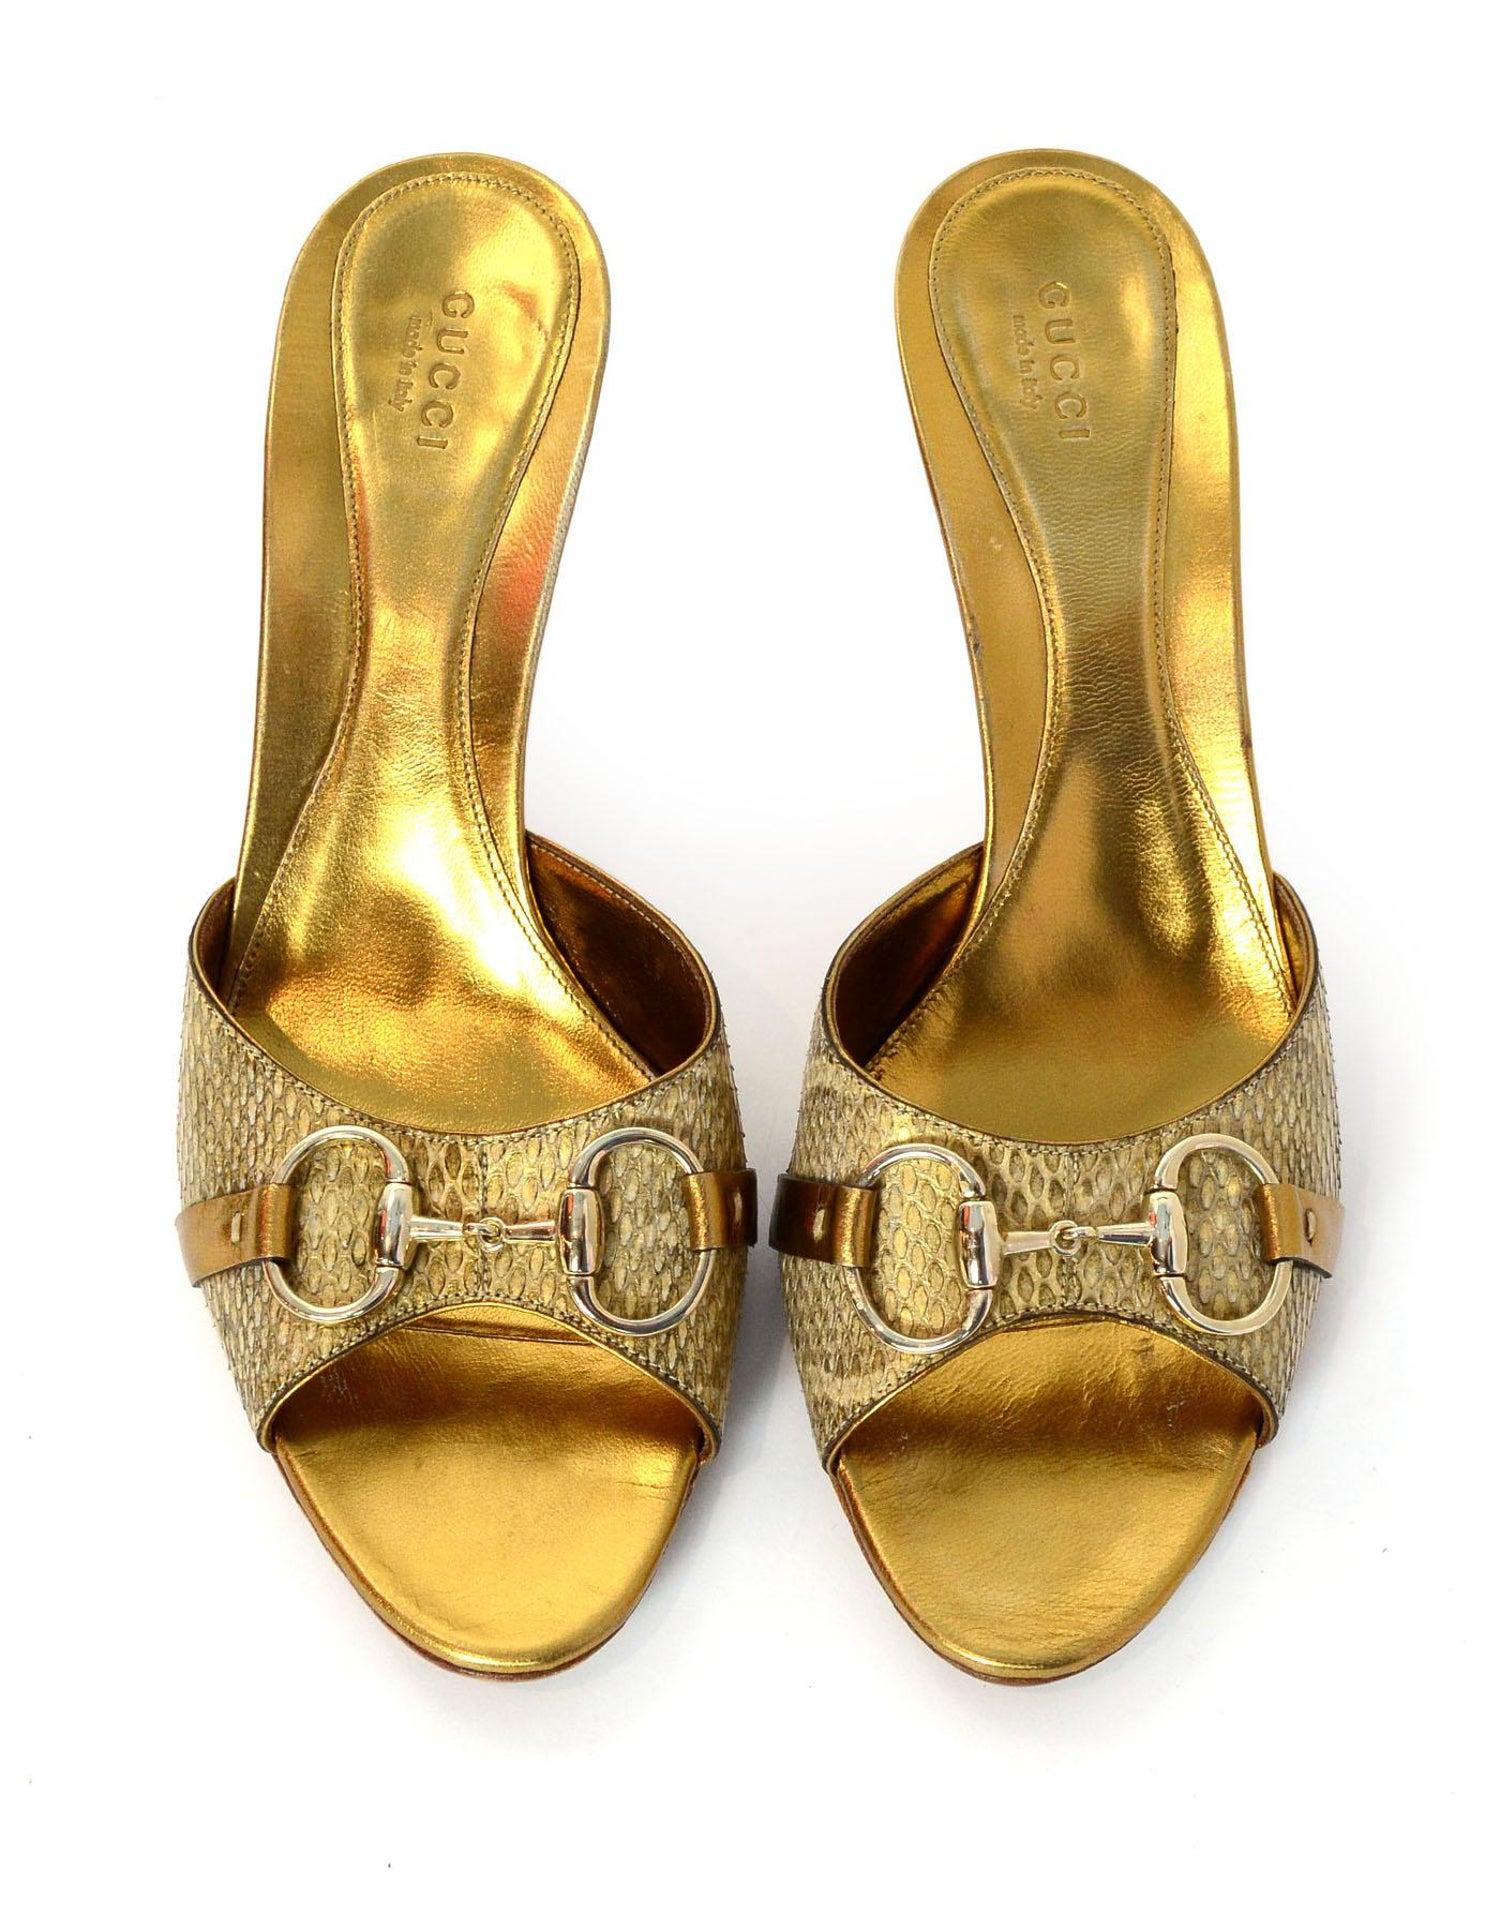 b1eaf60c58f Gucci Gold Python Horsebit Mules Sz 9B For Sale at 1stdibs